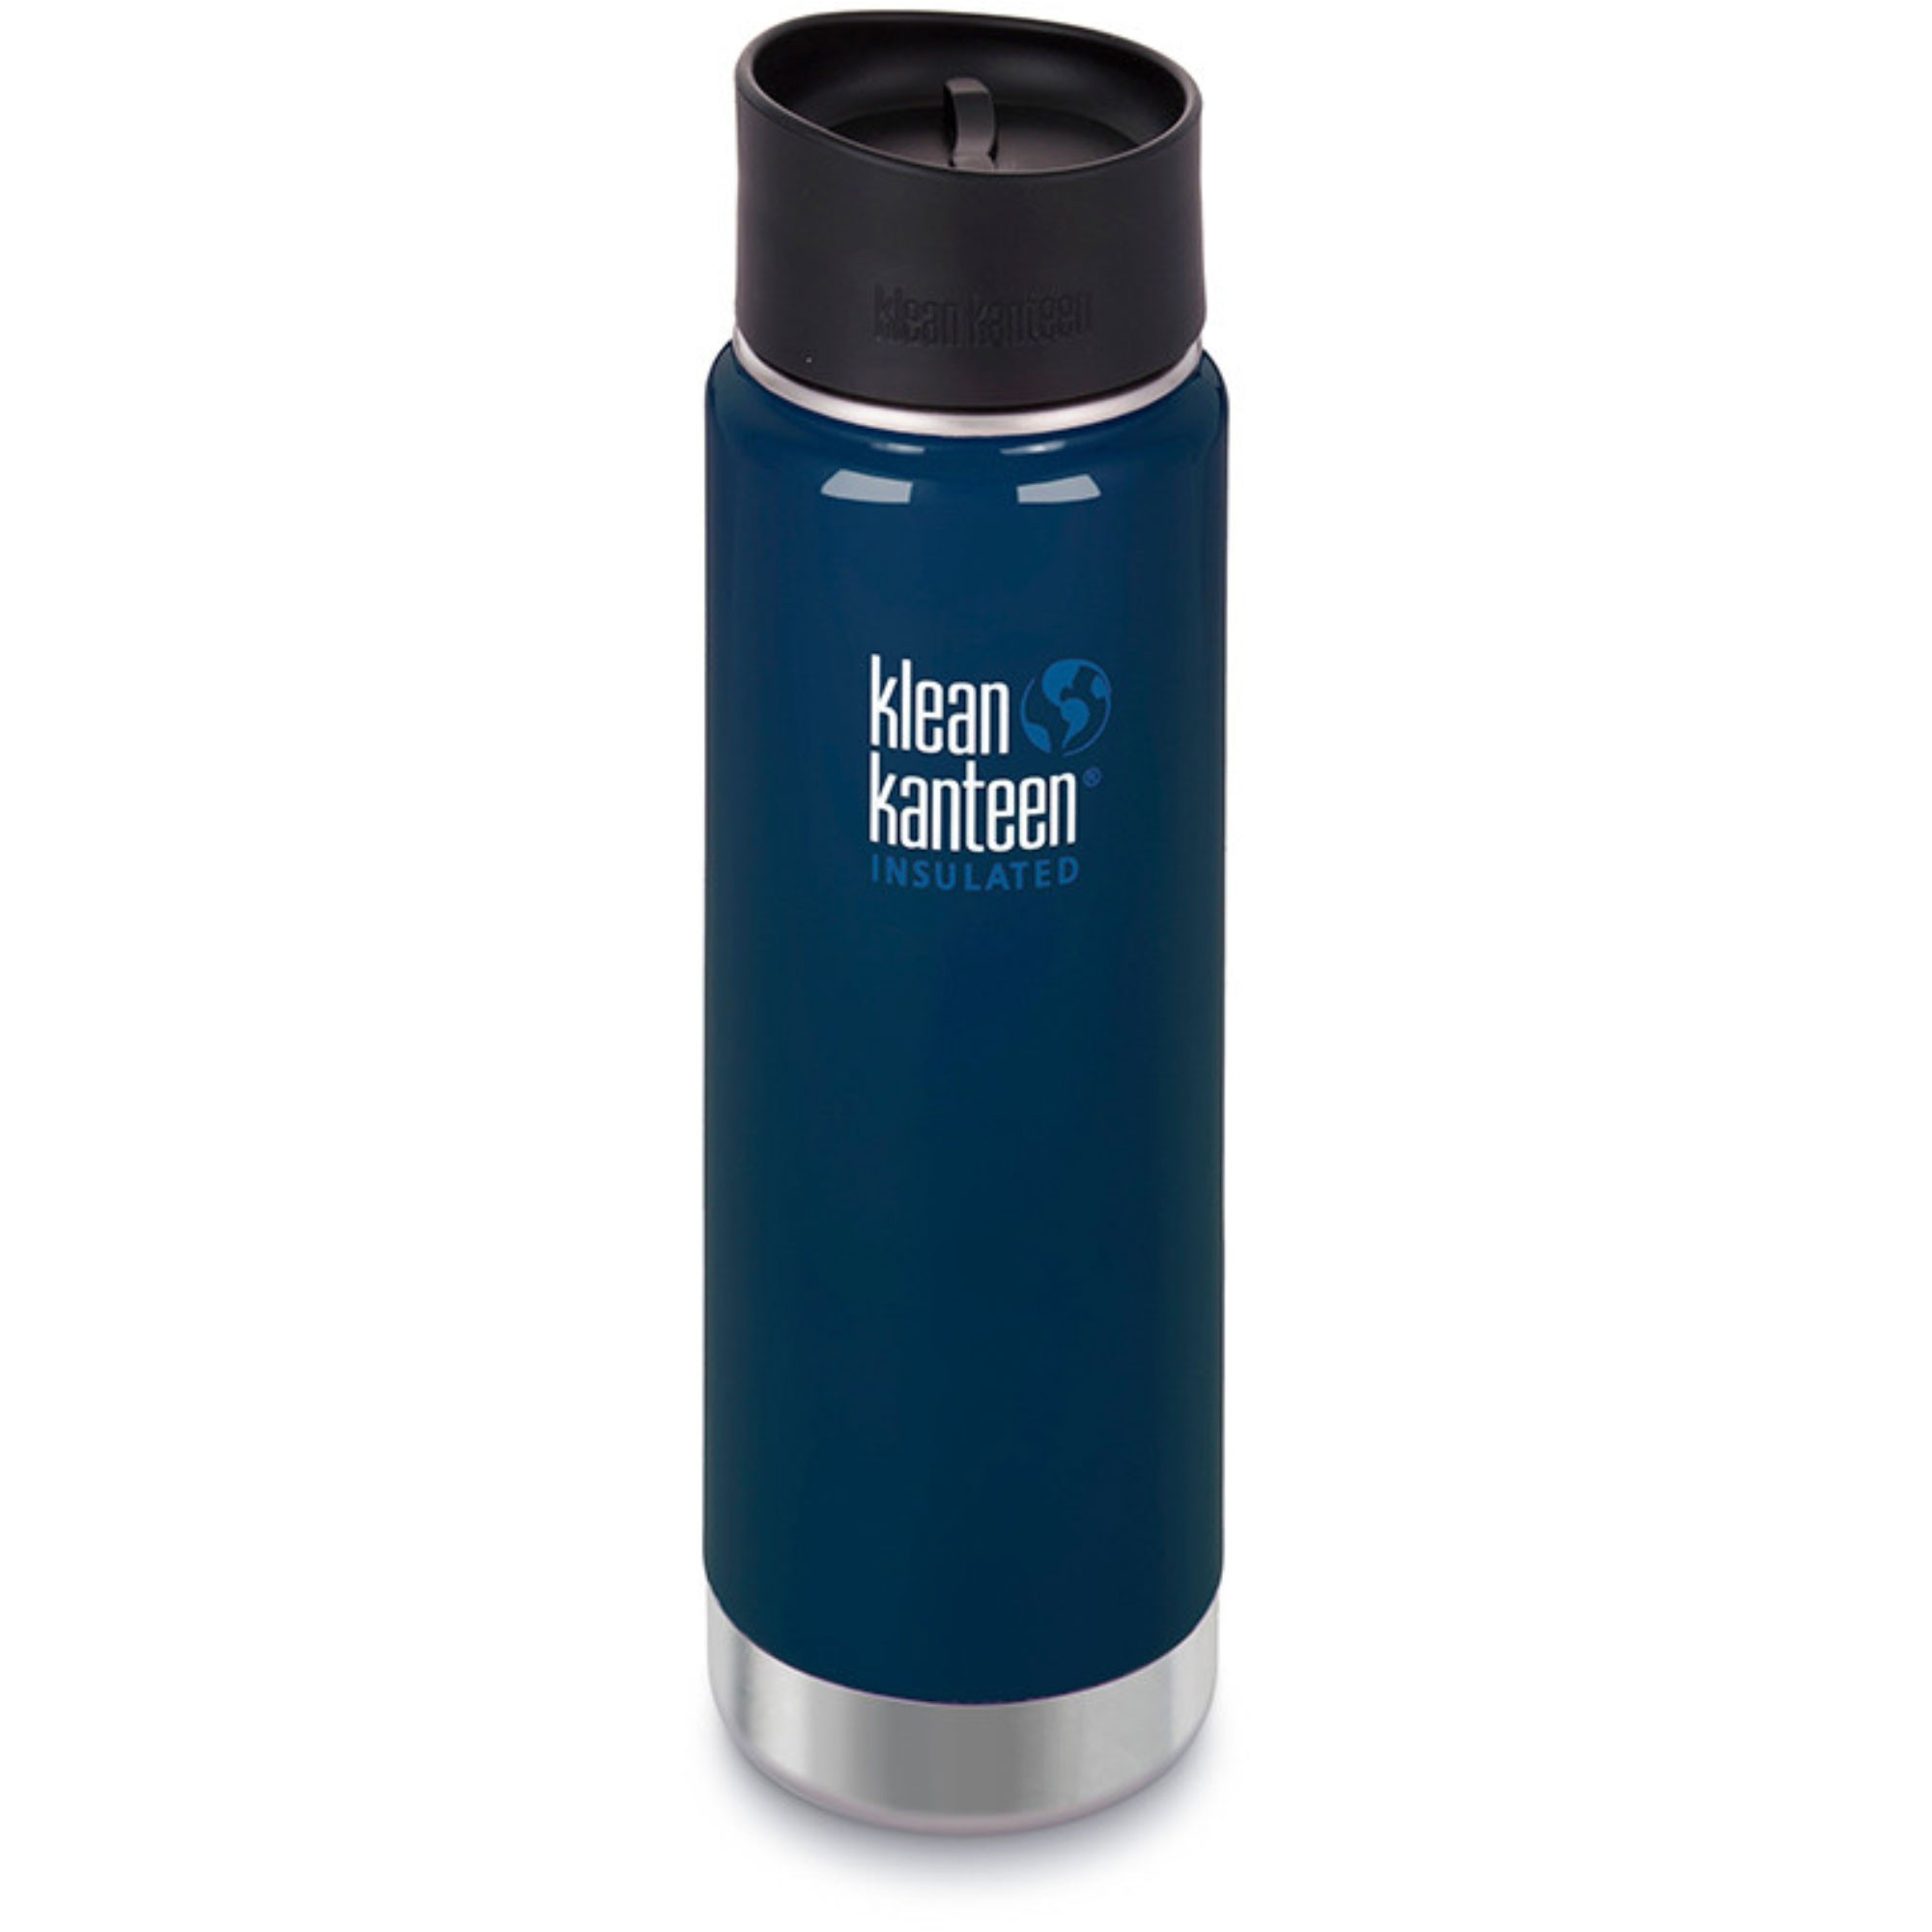 KLEAN KANTEEN - Insulated Cafe Cap Flask - 592ml - Neptune Blue